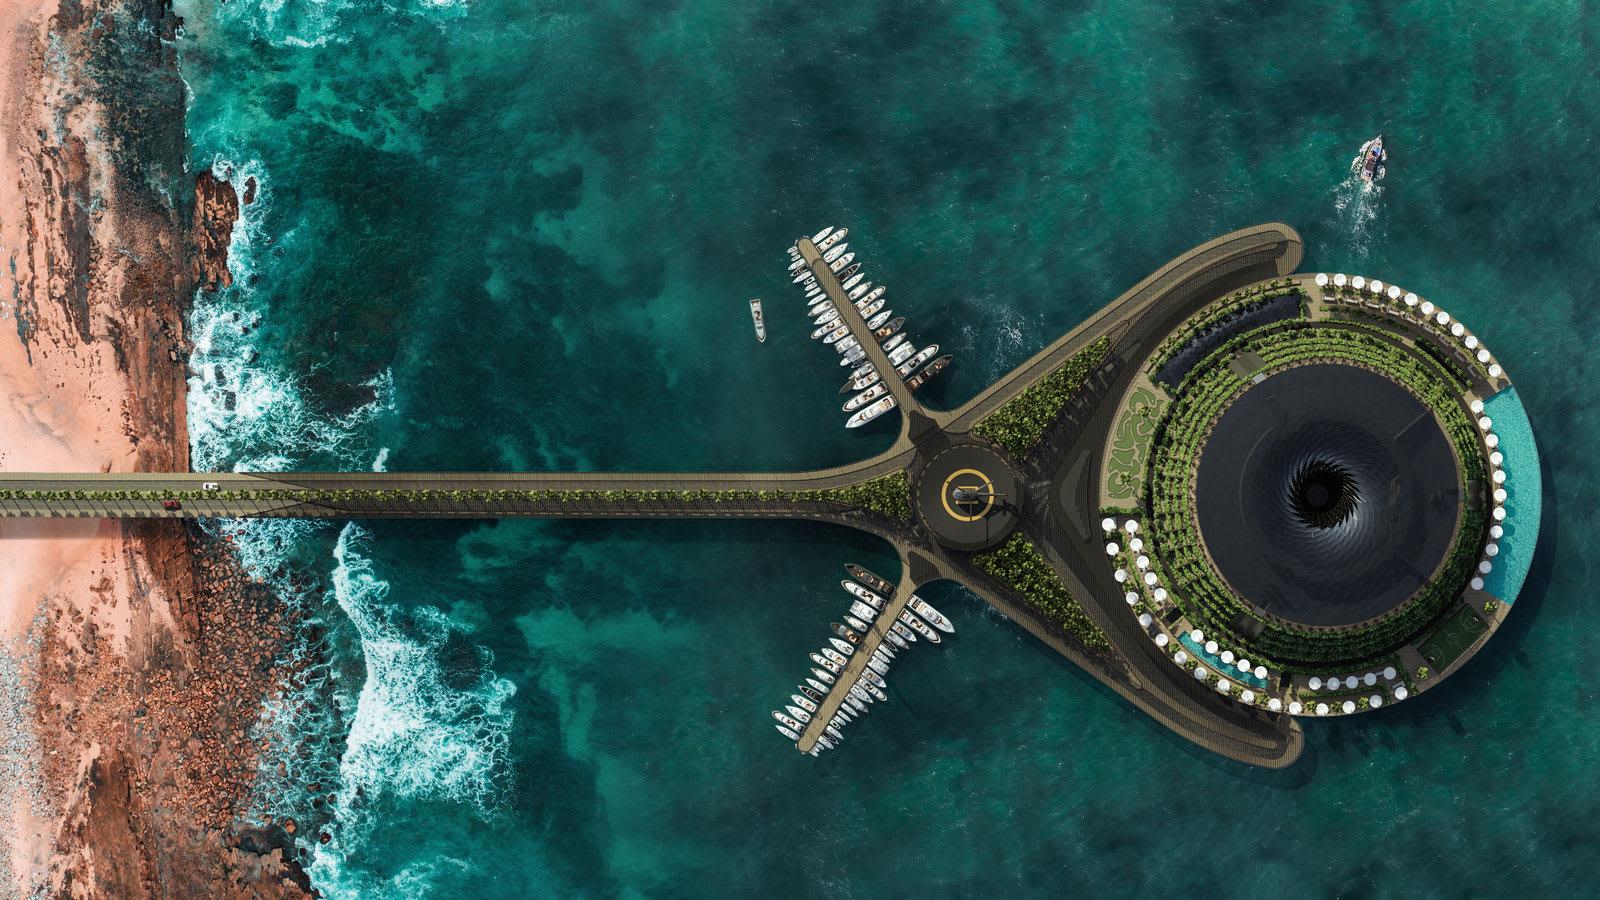 في قطر.. قد يتحول مفهوم لفندق عائم ودوّار يصنع الكهرباء الخاص به إلى حقيقة